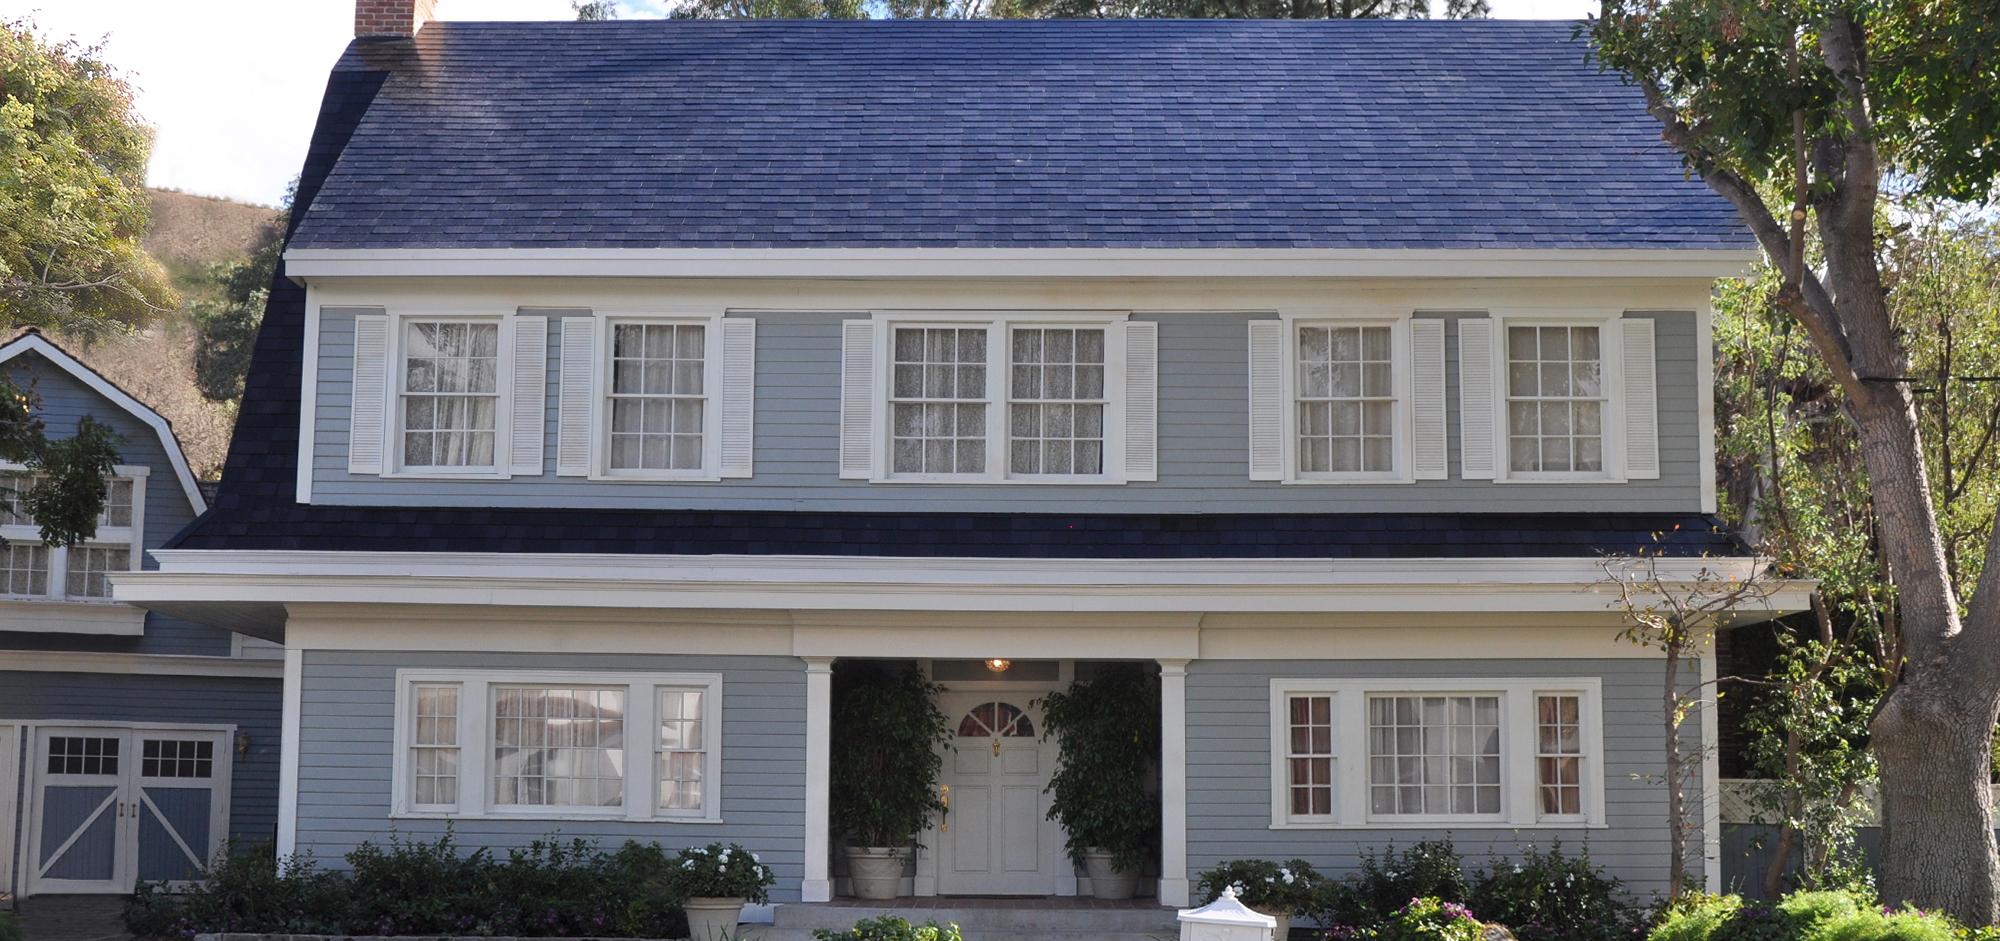 A Tesla solar roof.